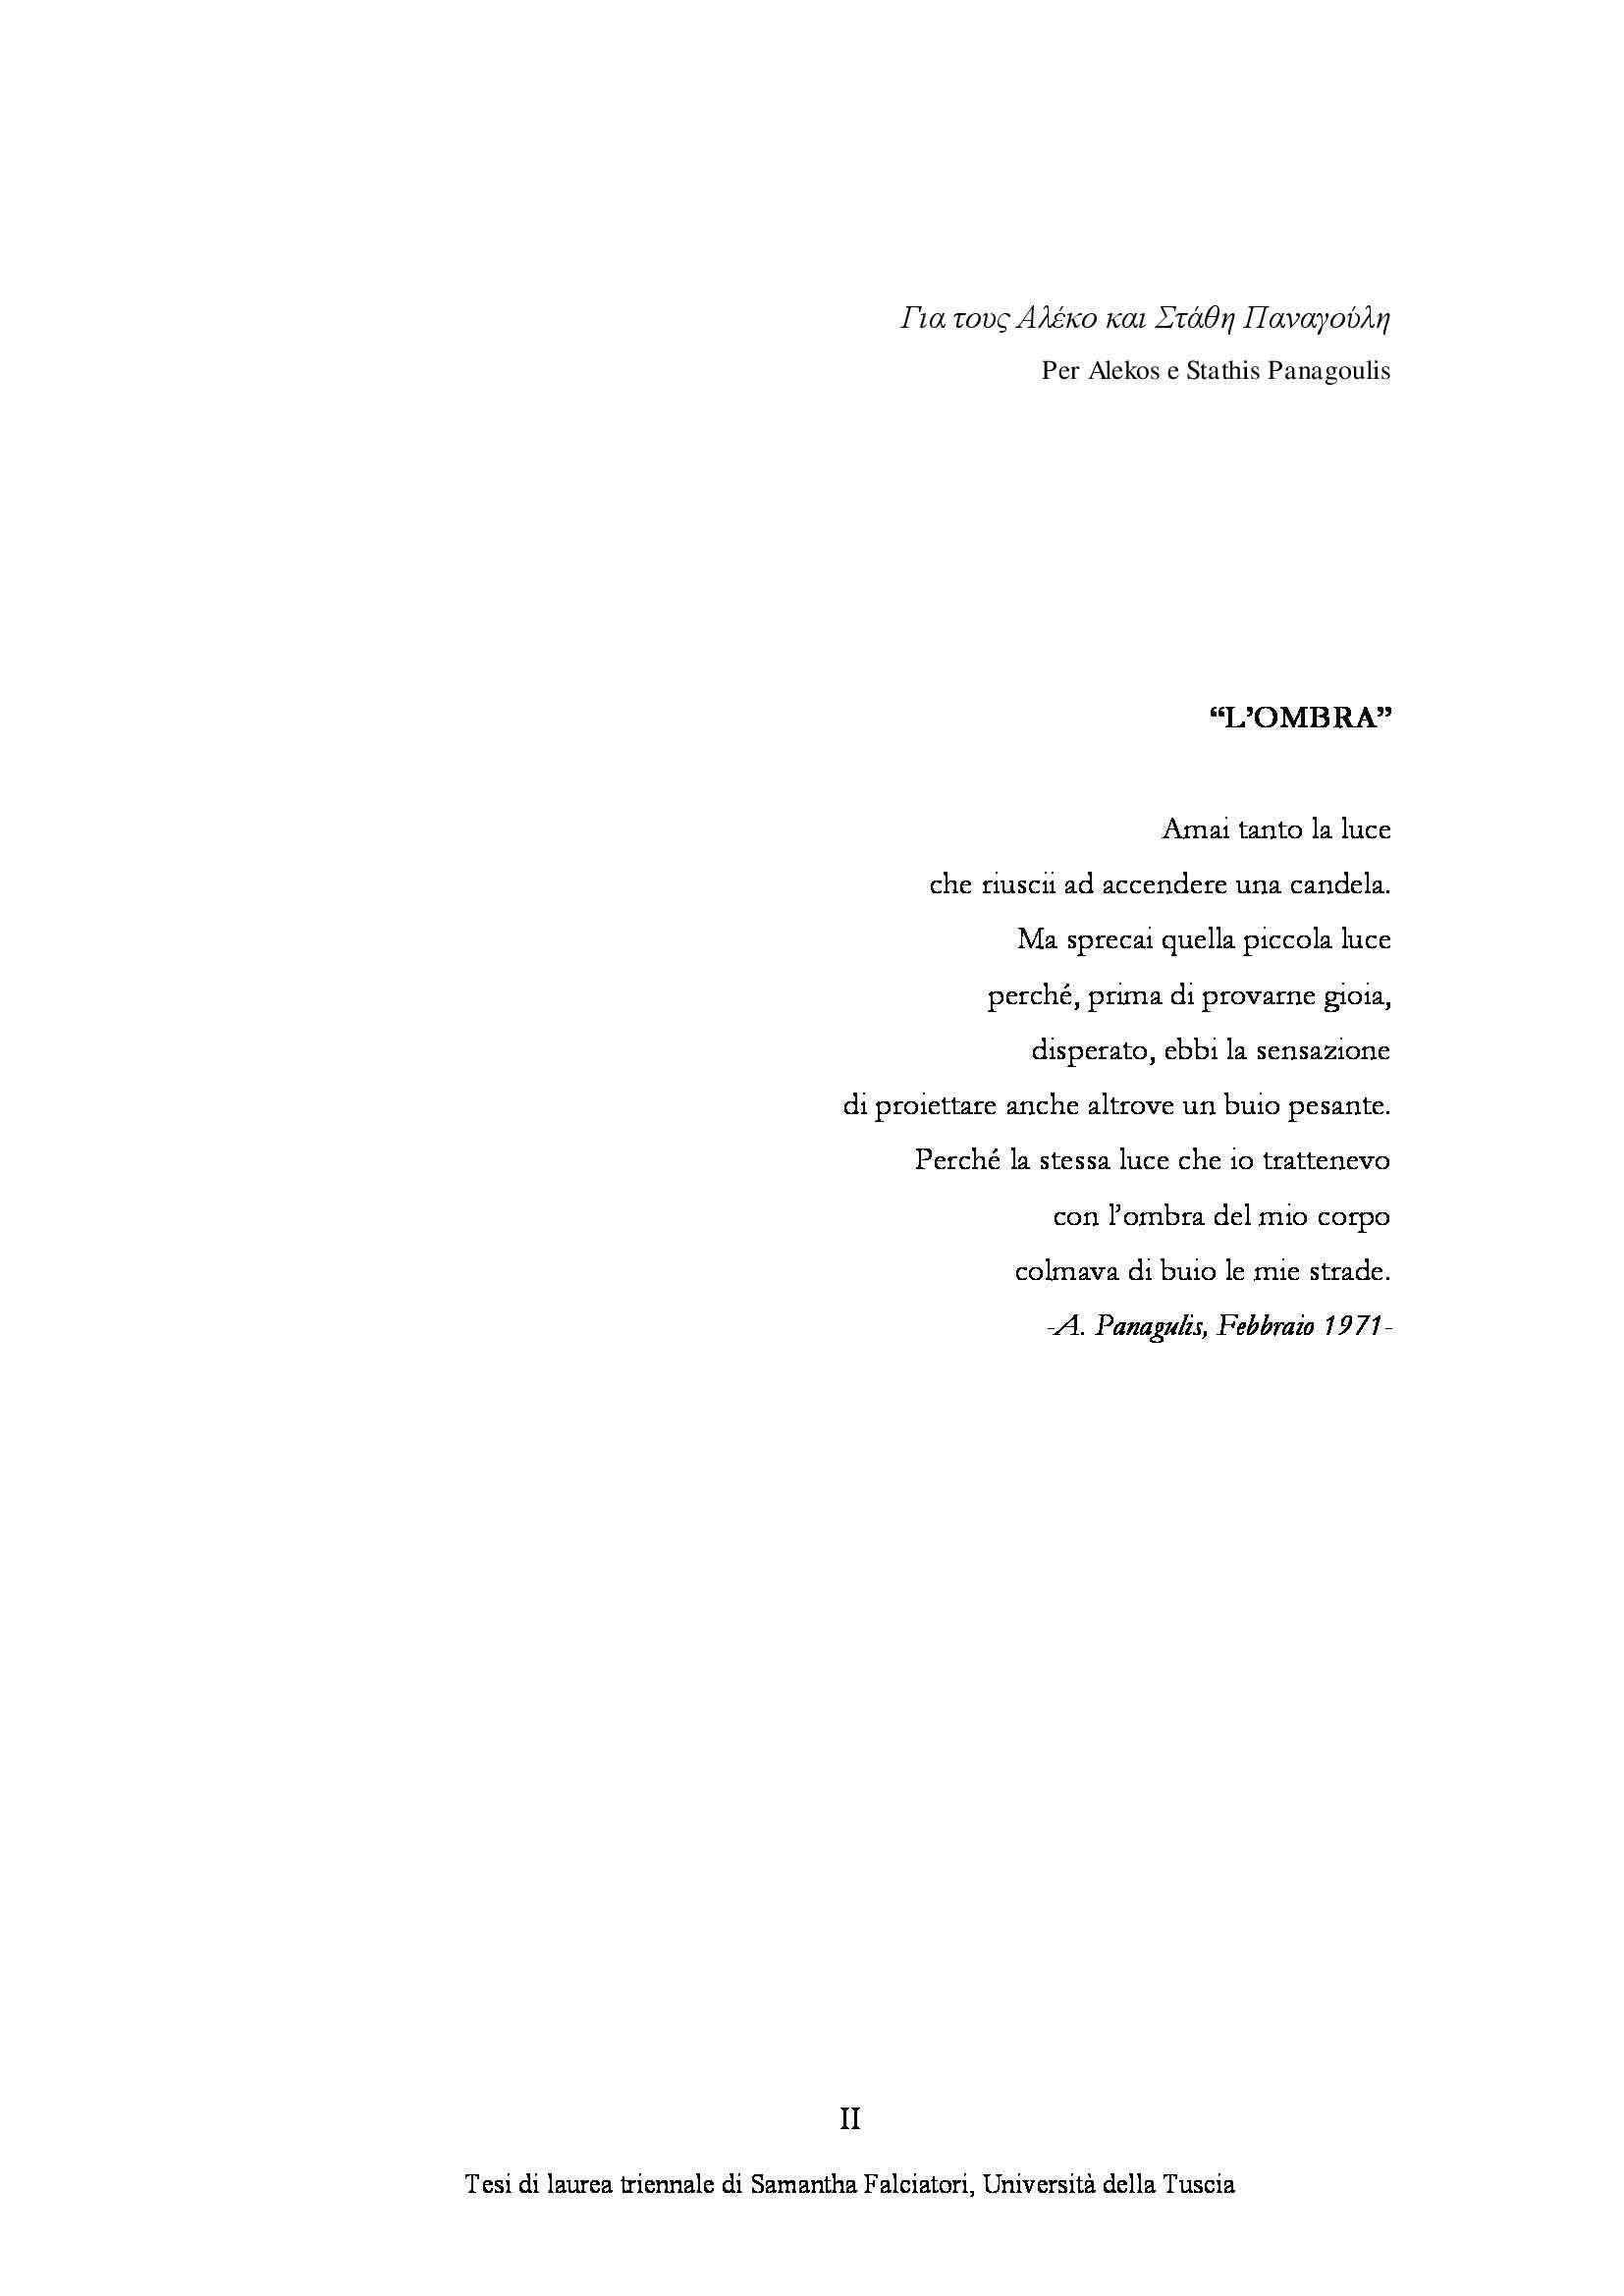 Tesi triennale - Alessandro Panagulis Pag. 2